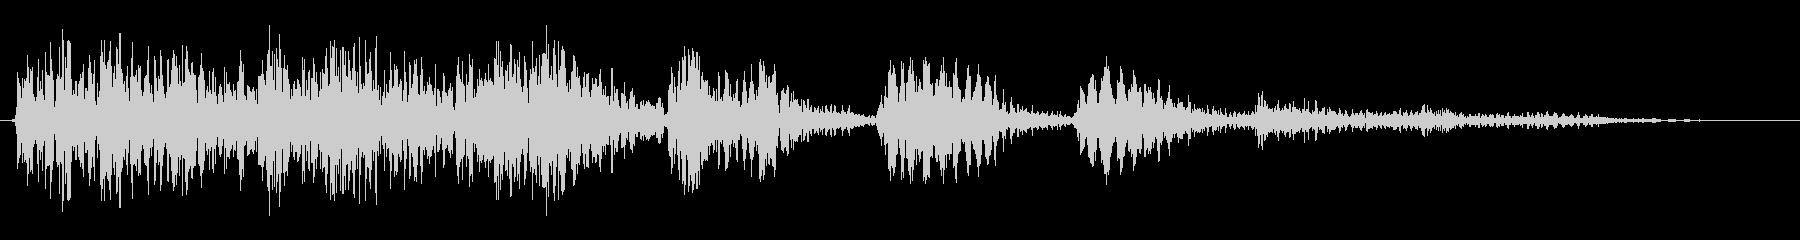 インパクトがあり伸びやかな効果音の未再生の波形